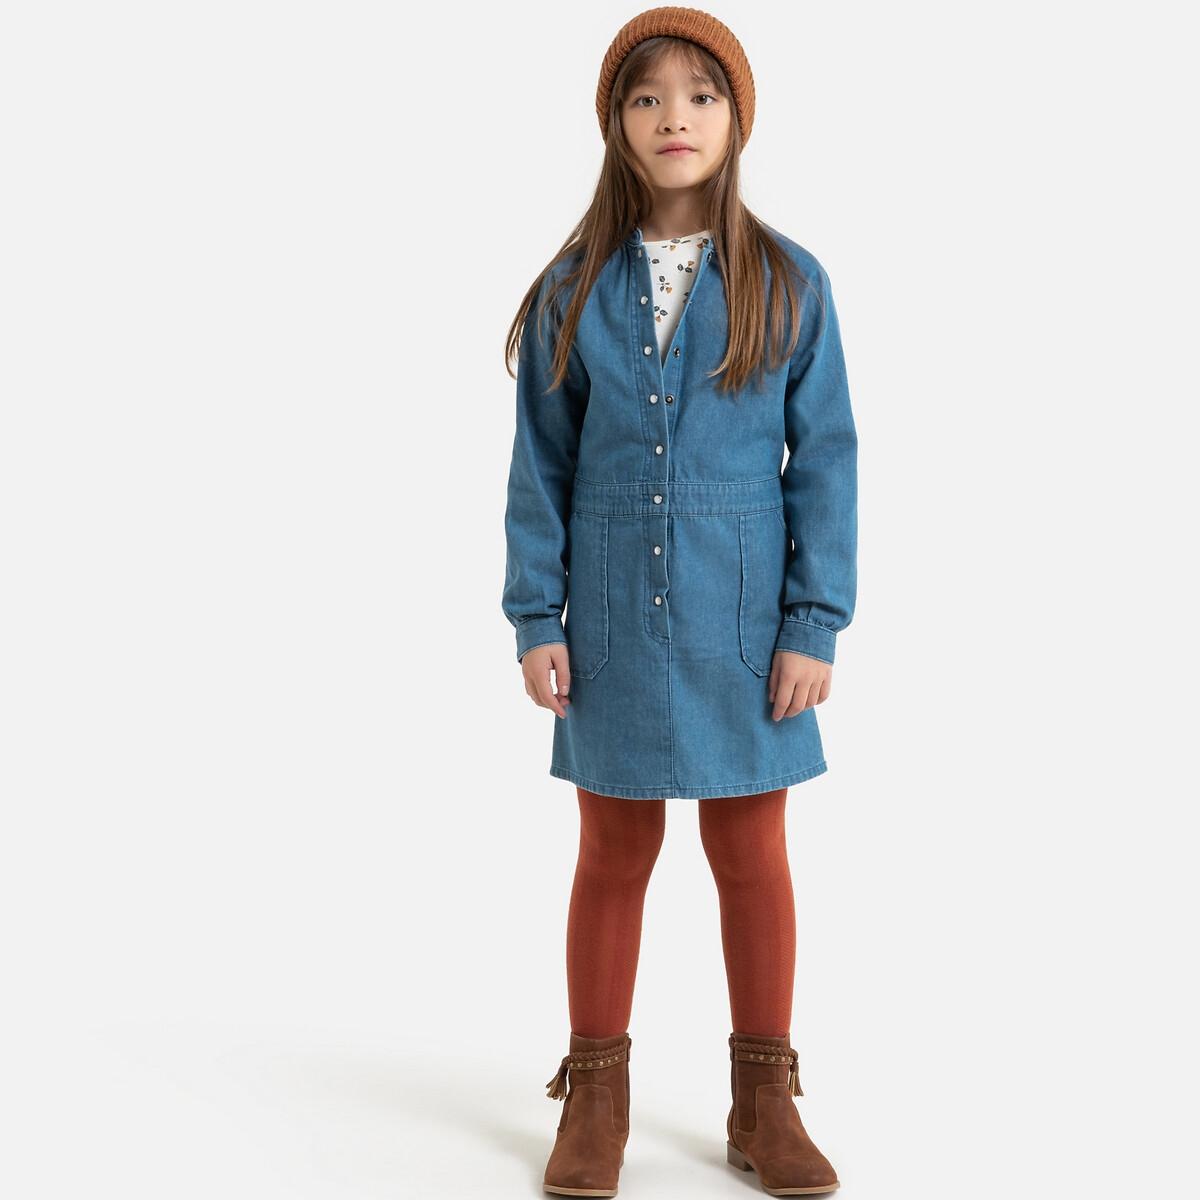 Фото - Платье LaRedoute Джинсовое с длинными рукавами 3-12 лет 8 лет - 126 см синий рубашка laredoute джинсовая 3 12 лет 8 лет 126 см синий